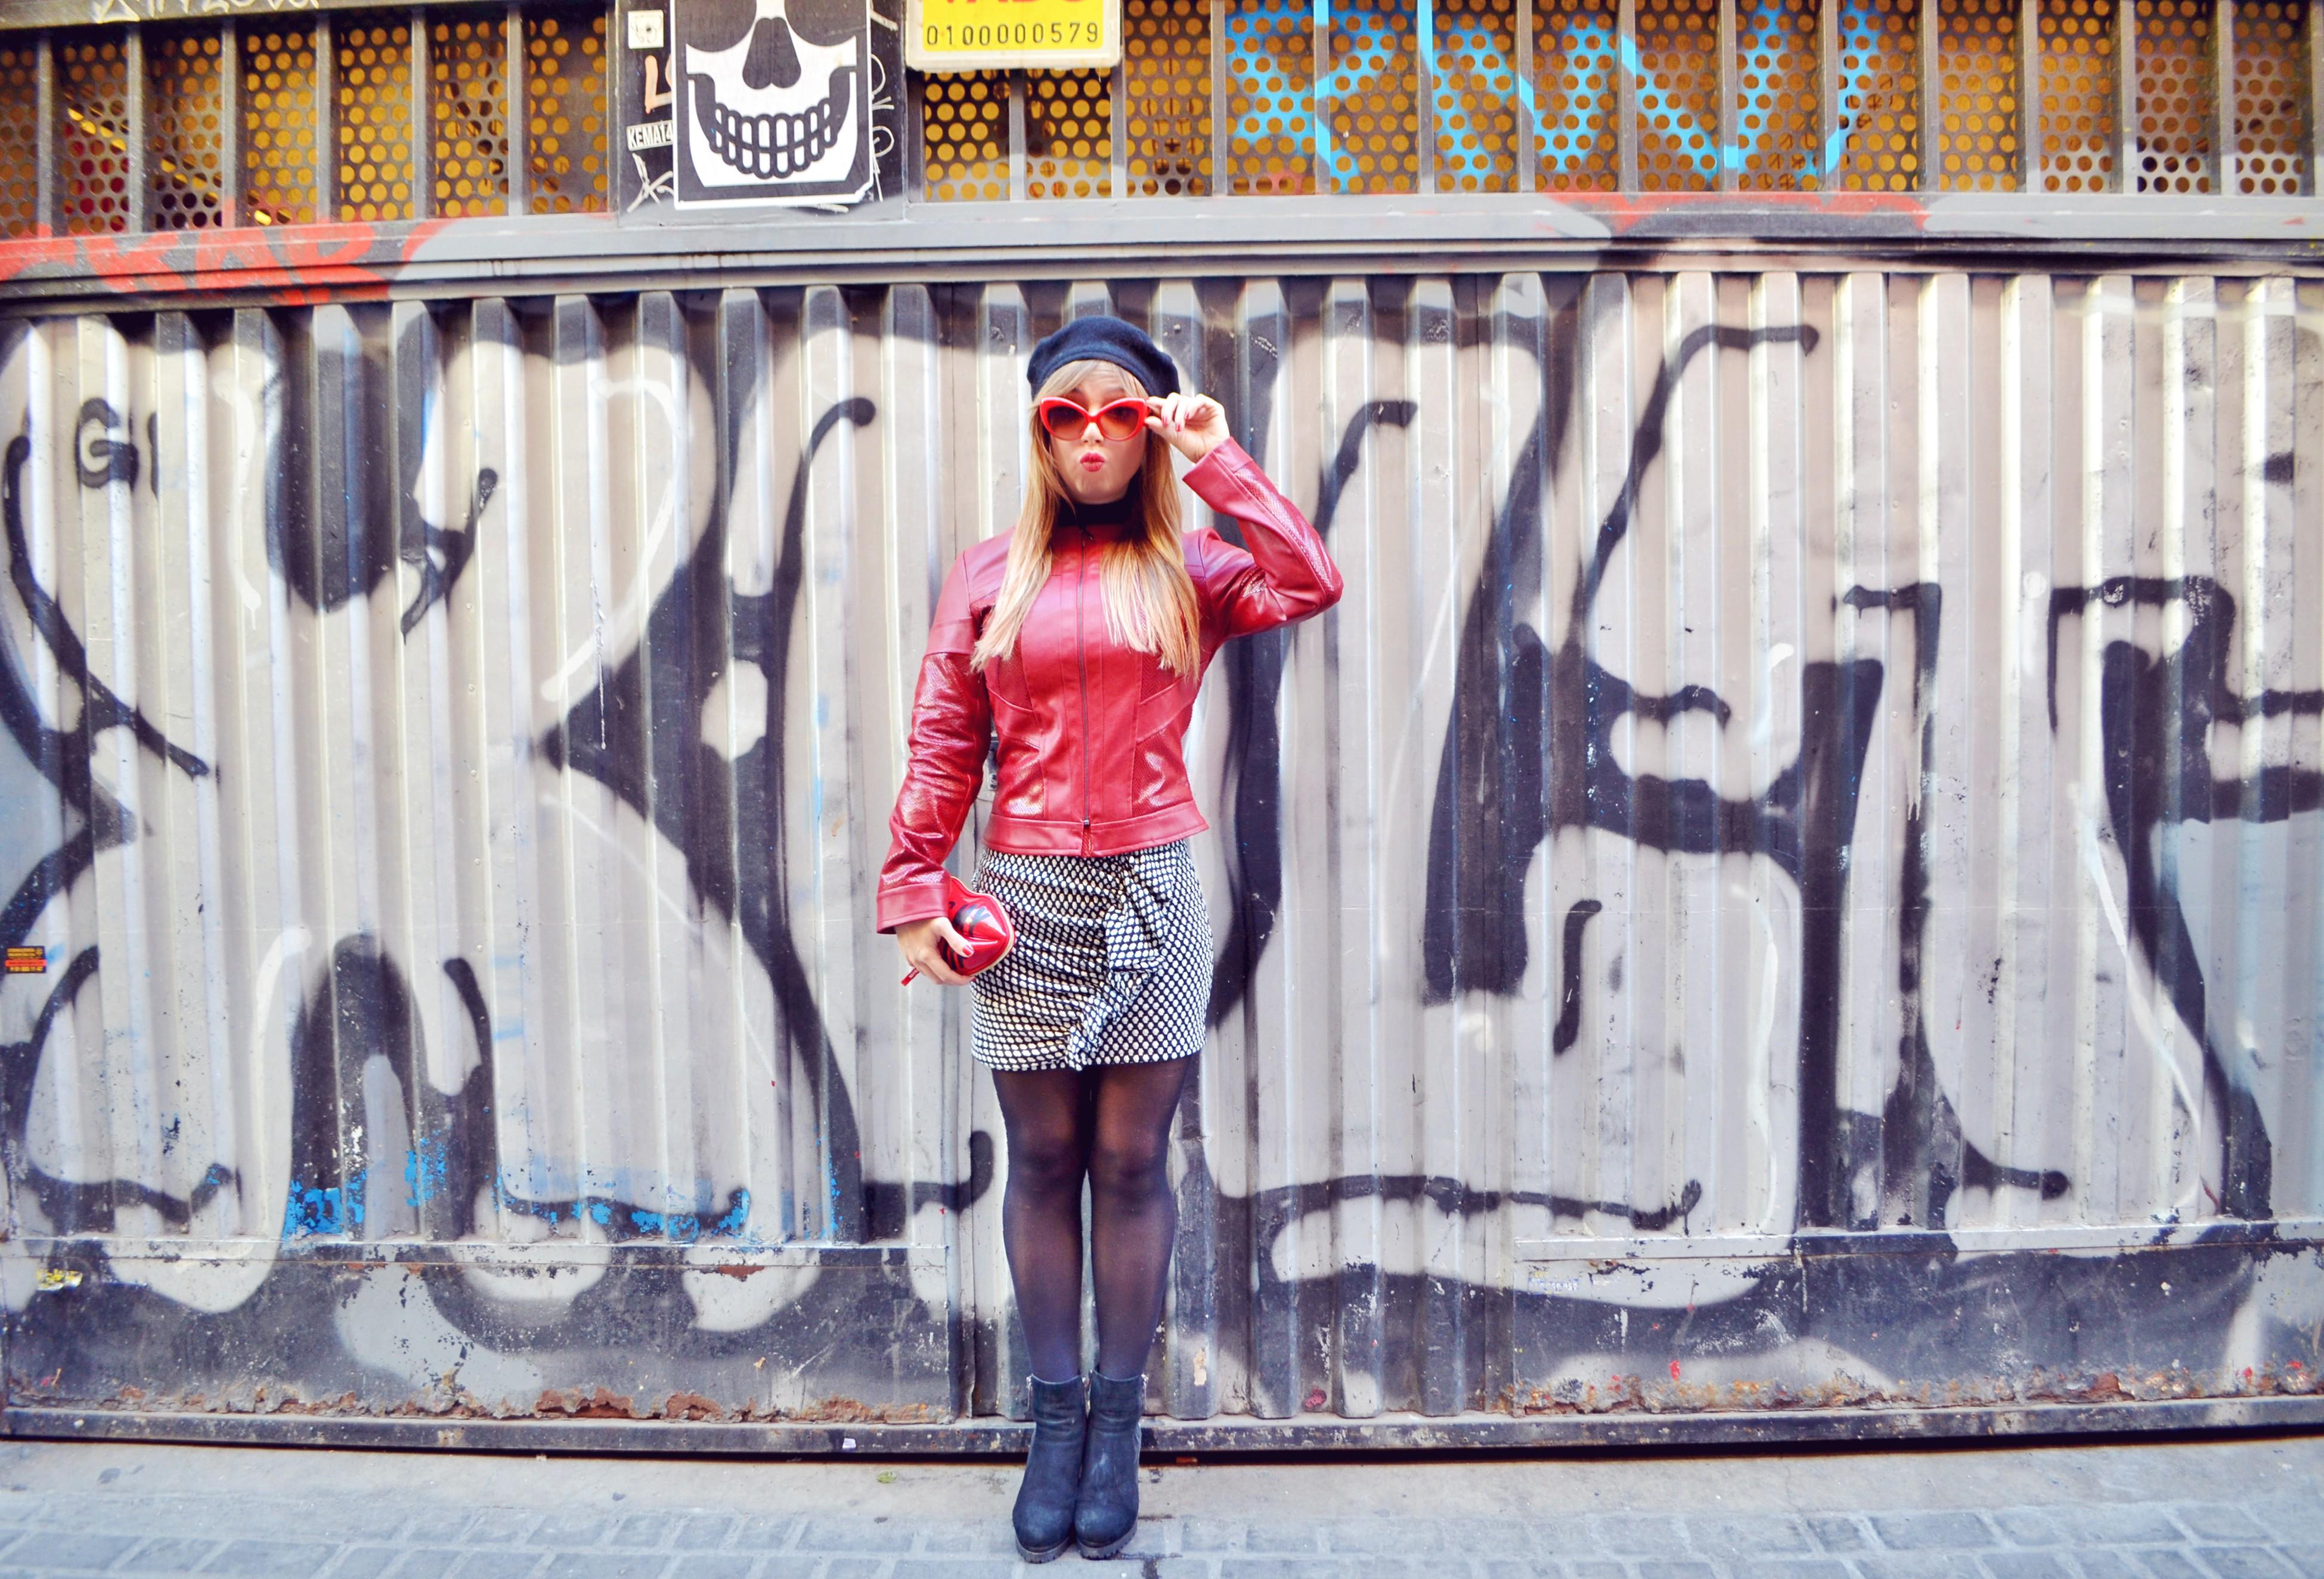 Fashionista-ChicAdicta-red-look-blog-de-moda-Chic-Adicta-faldas-arggido-fall-outfti-paris-style-PiensaenChic-Piensa-en-Chic